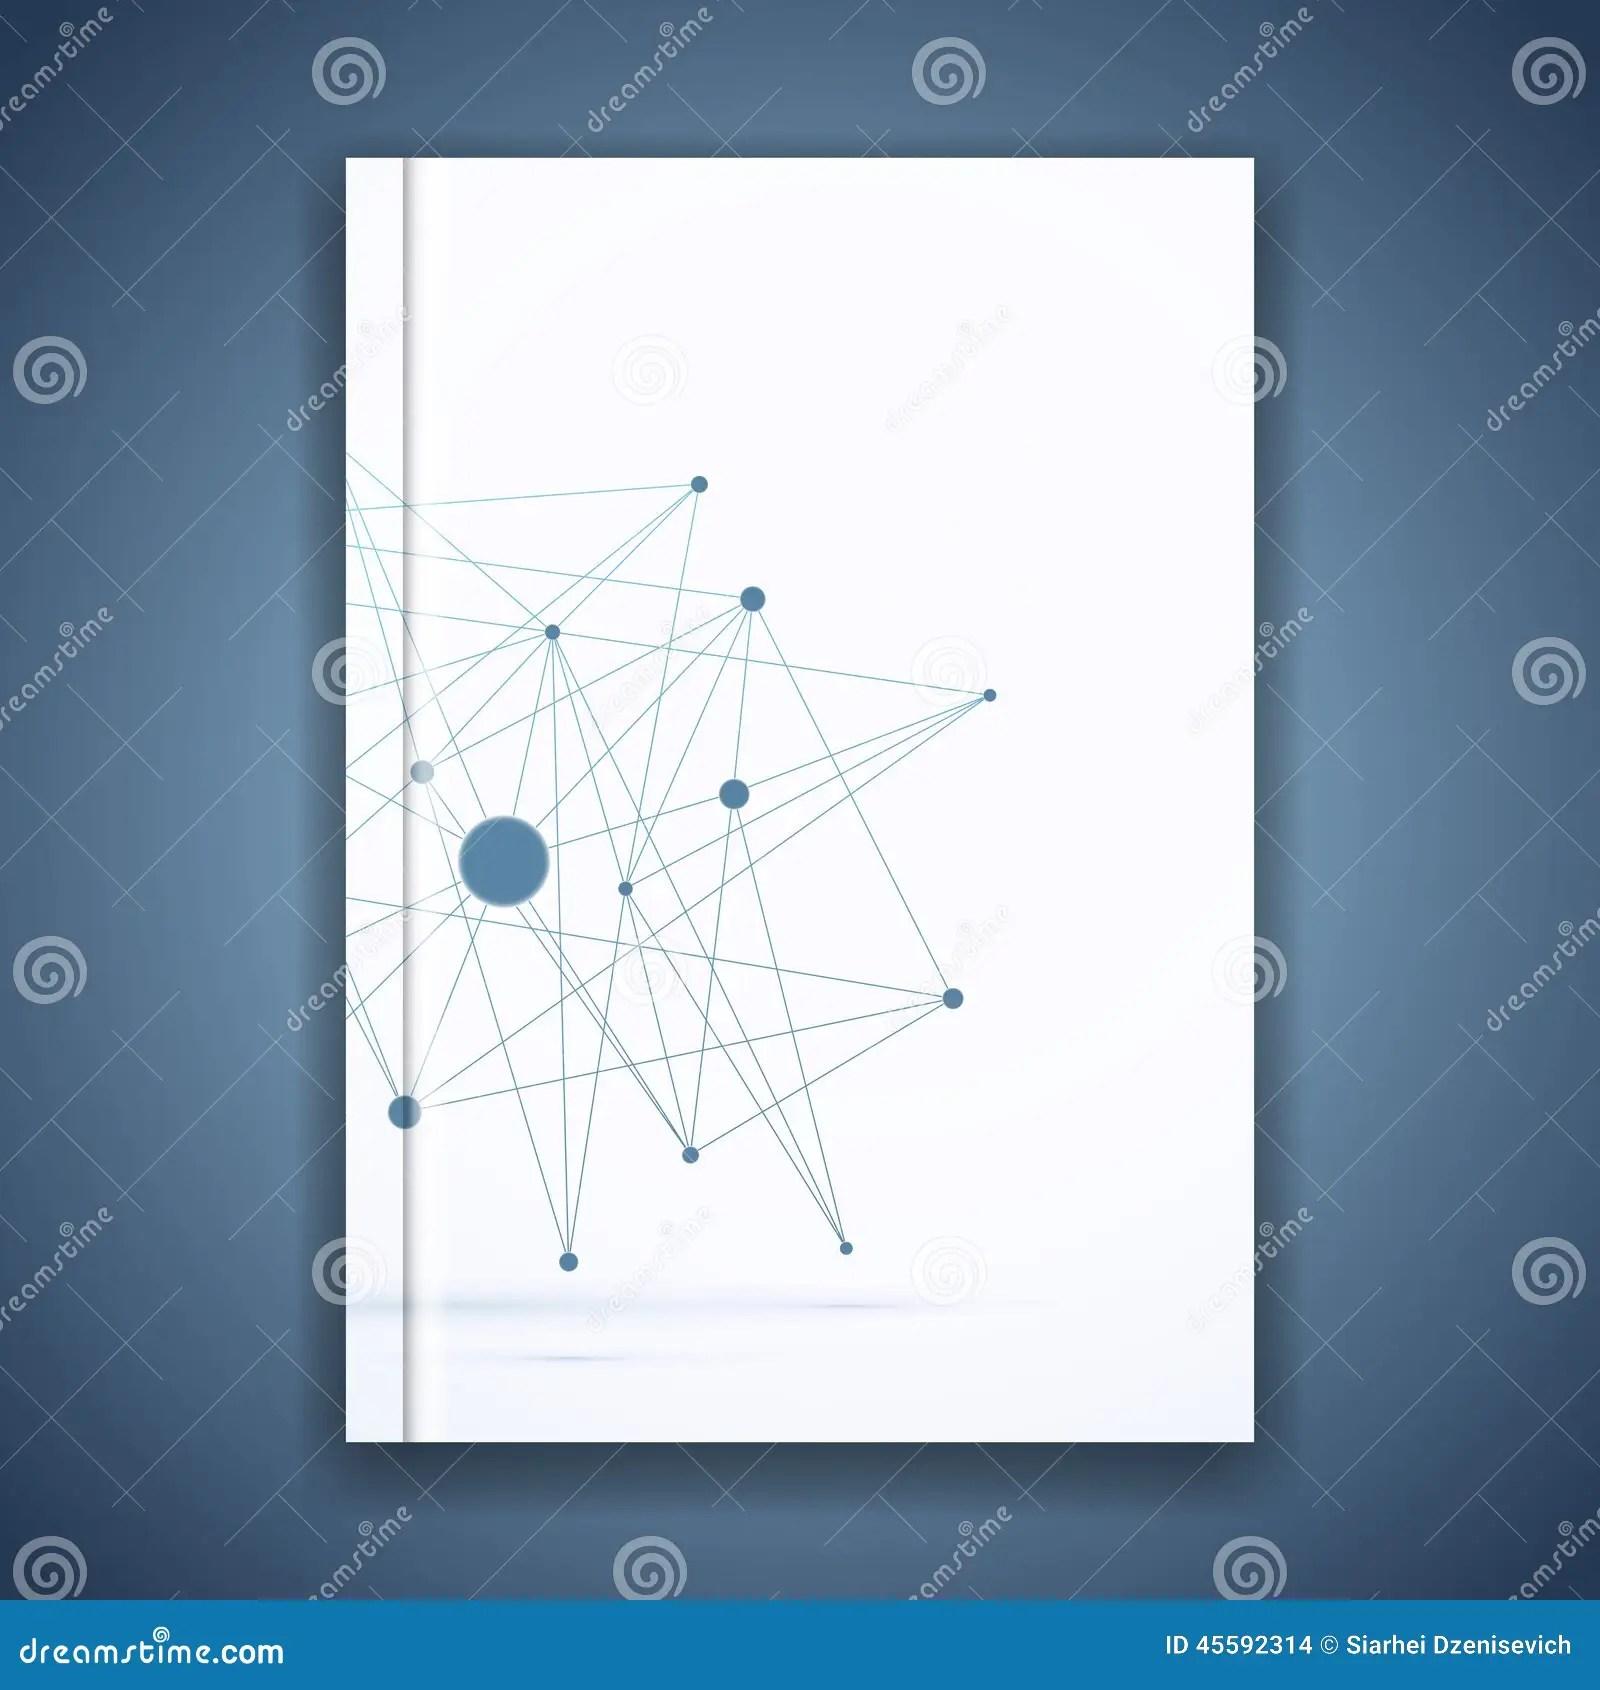 Atom Molecule Connection Idea Folder Template Stock Vector